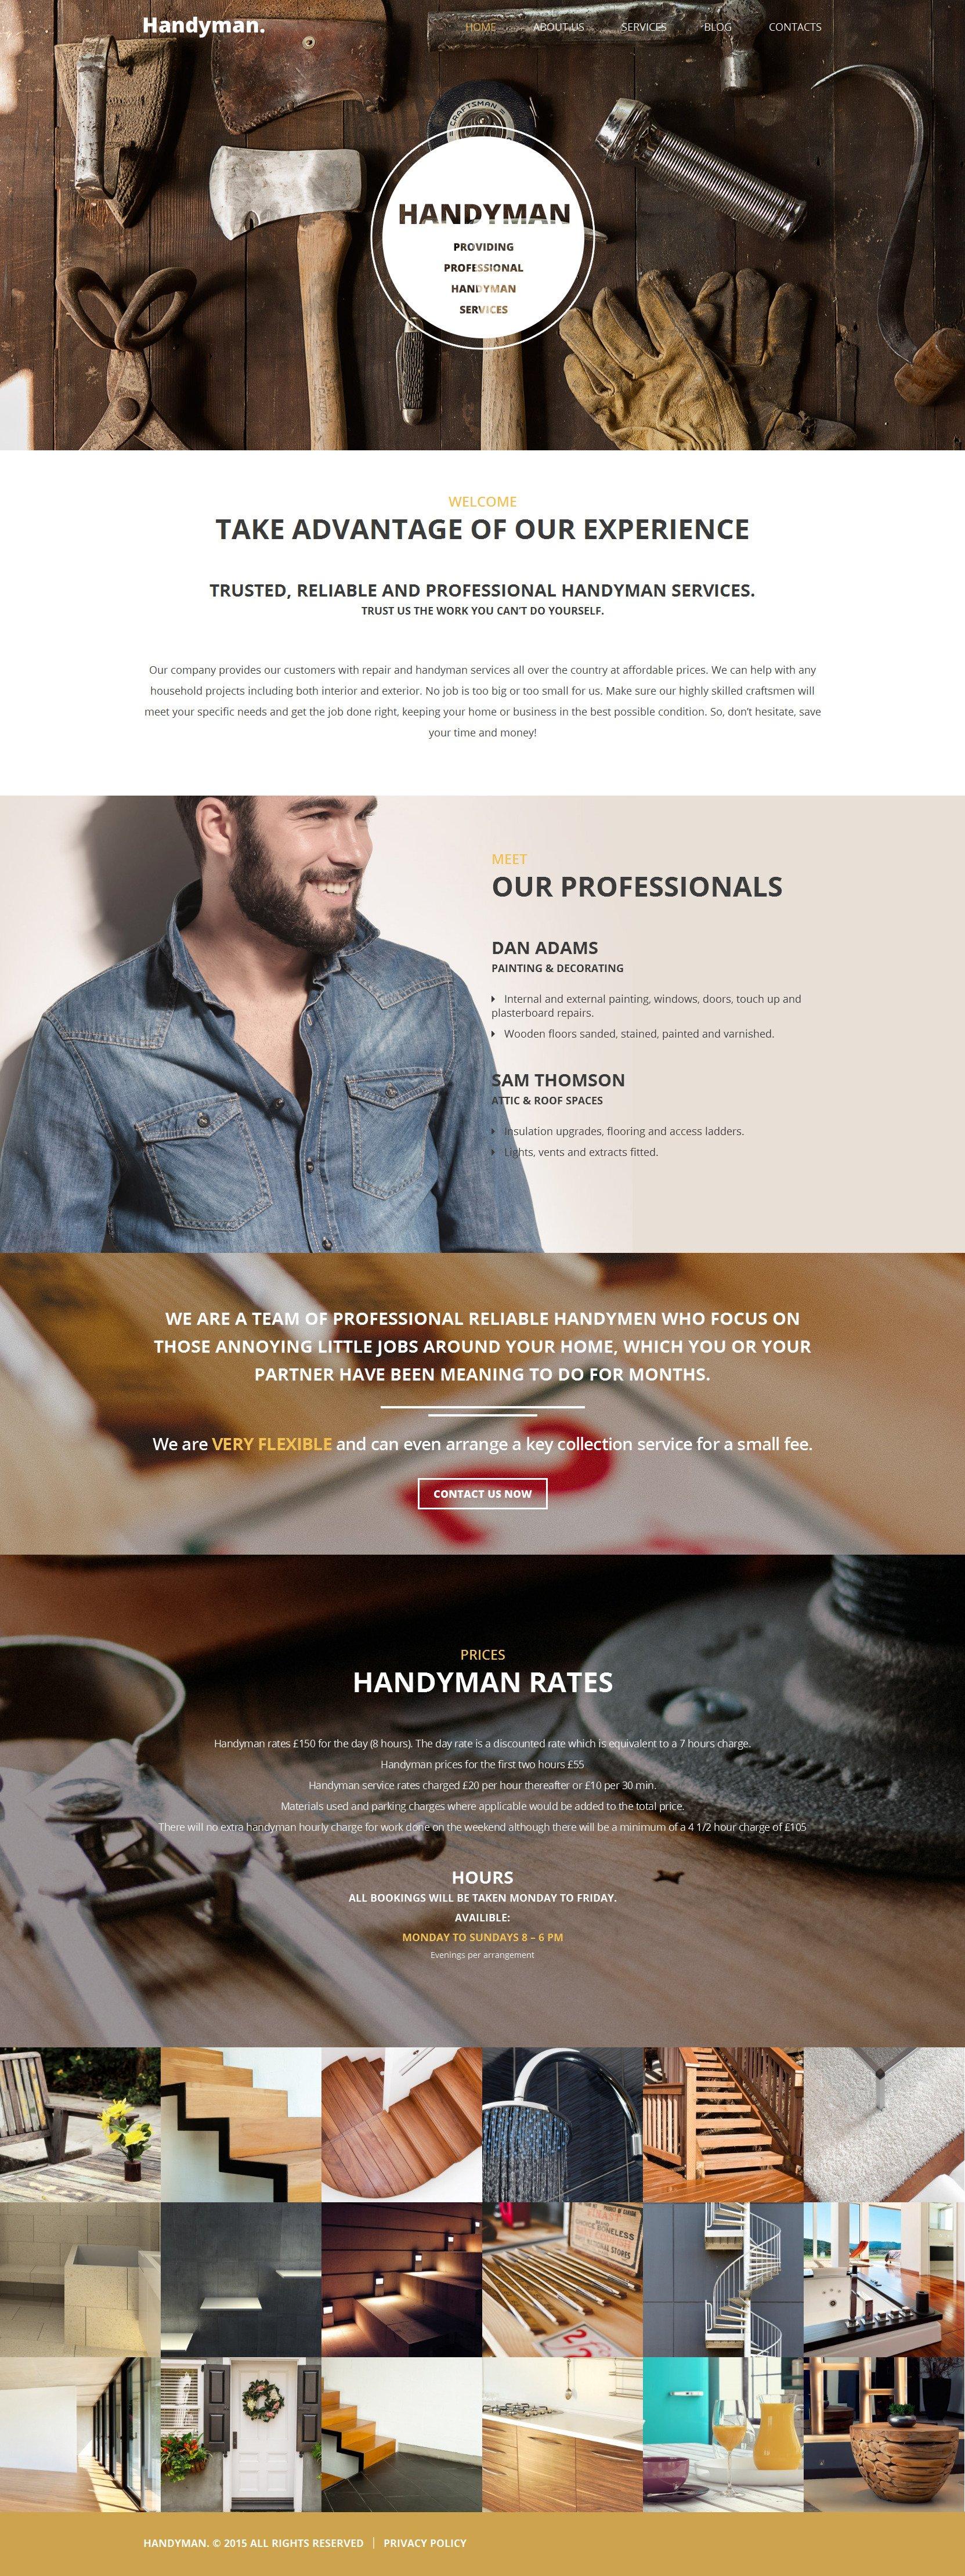 Handyman WordPress Theme - screenshot